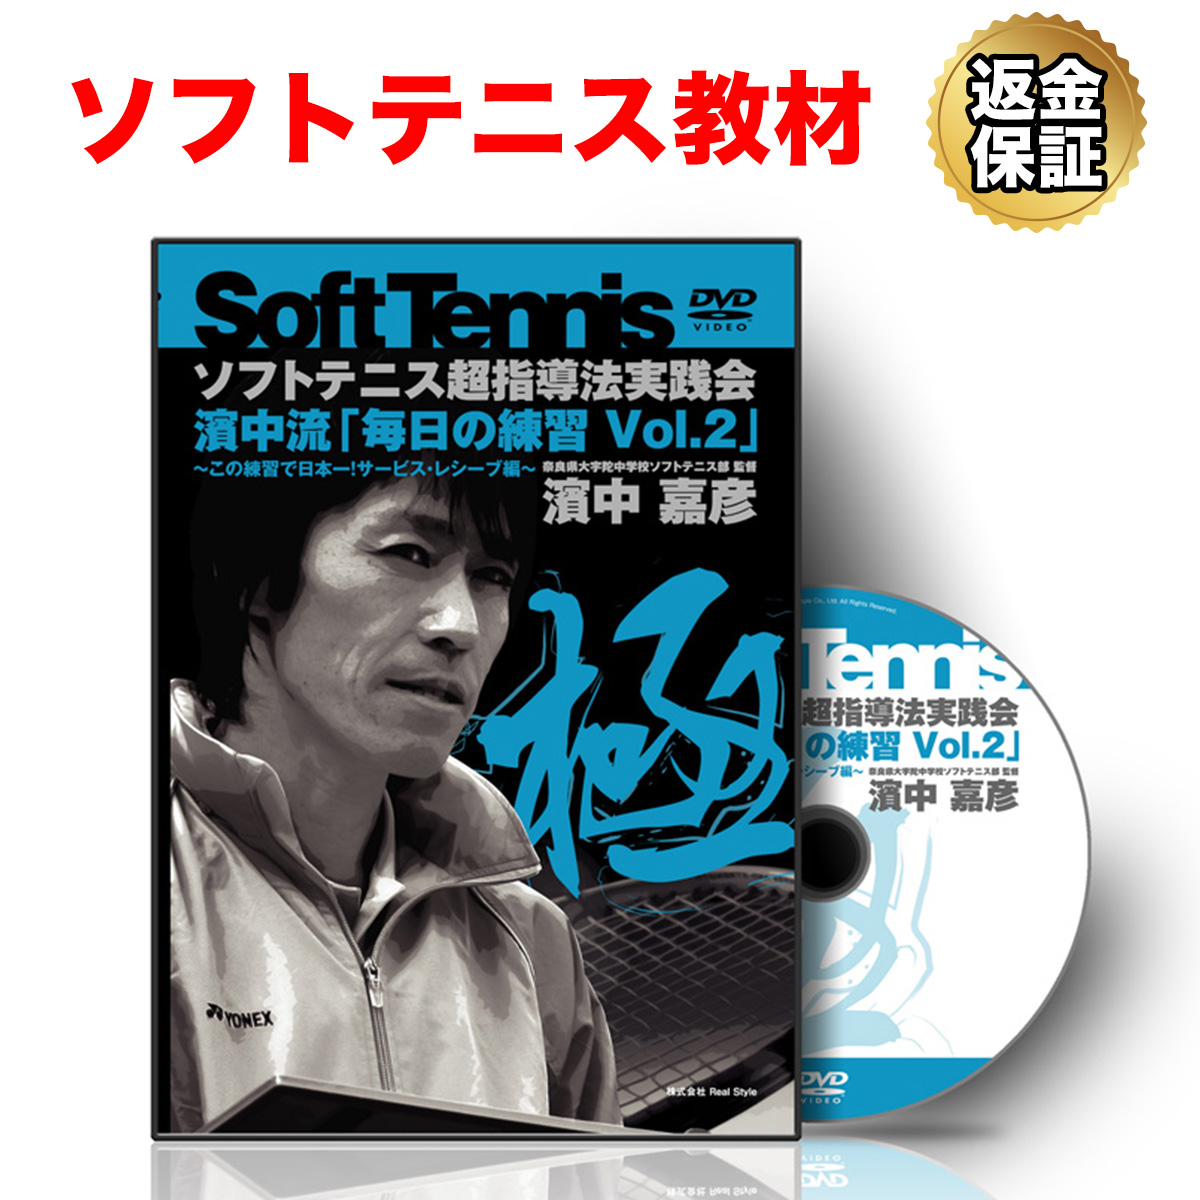 【ソフトテニス】濱中流「毎日の練習 Vol.2」